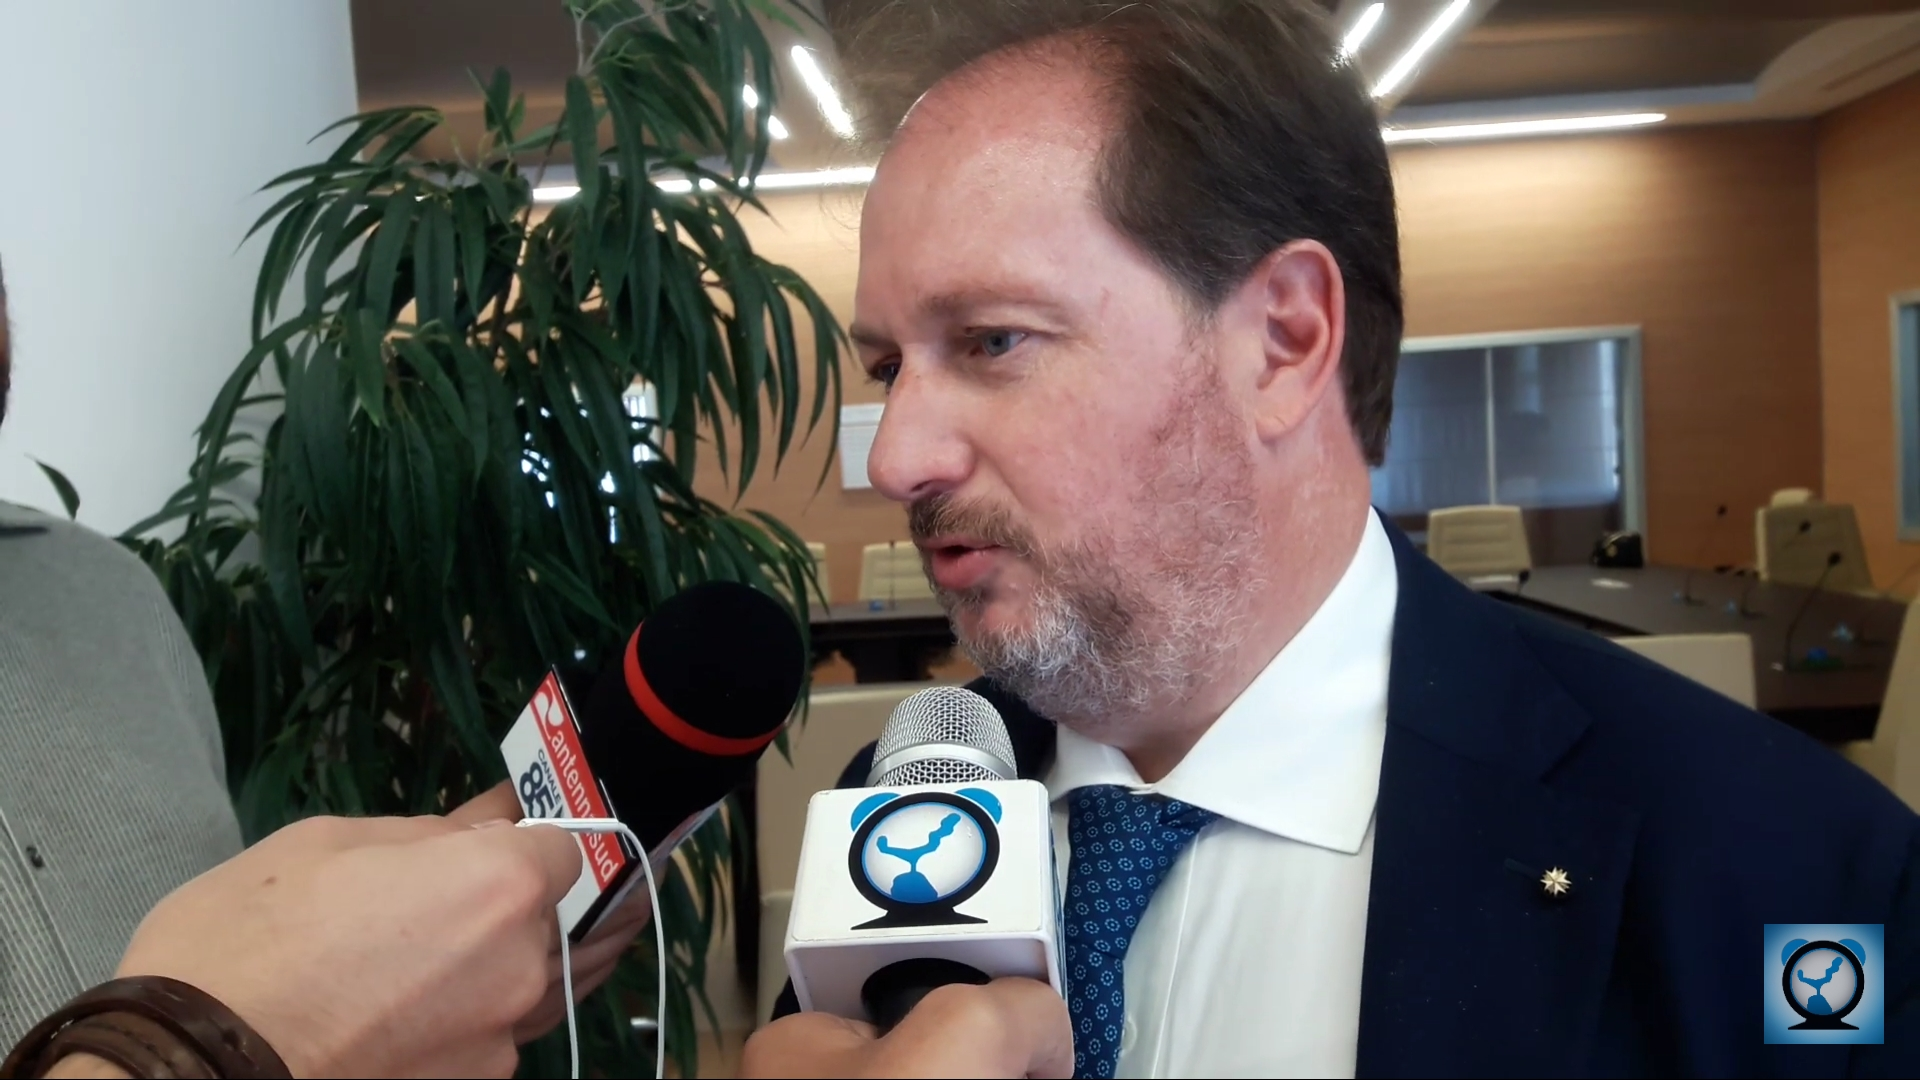 Ufficiale: Patroni Griffi confermato per i prossimi 4 anni a capo dell'Autorità portuale